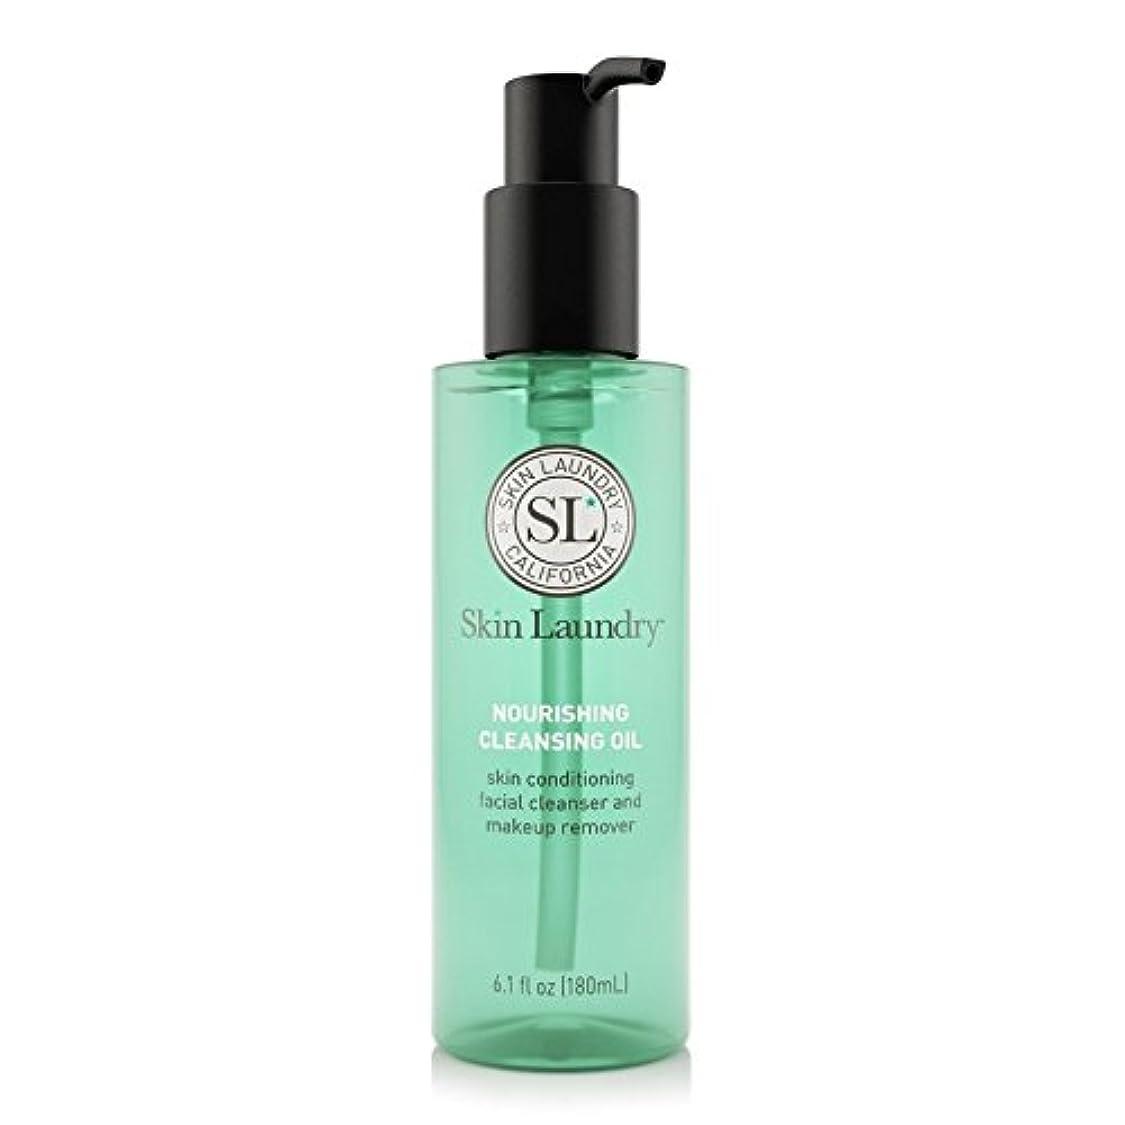 湾まどろみのある地下室皮膚洗濯栄養クレンジングオイル180ミリリットル x4 - Skin Laundry Nourishing Cleansing Oil 180ml (Pack of 4) [並行輸入品]